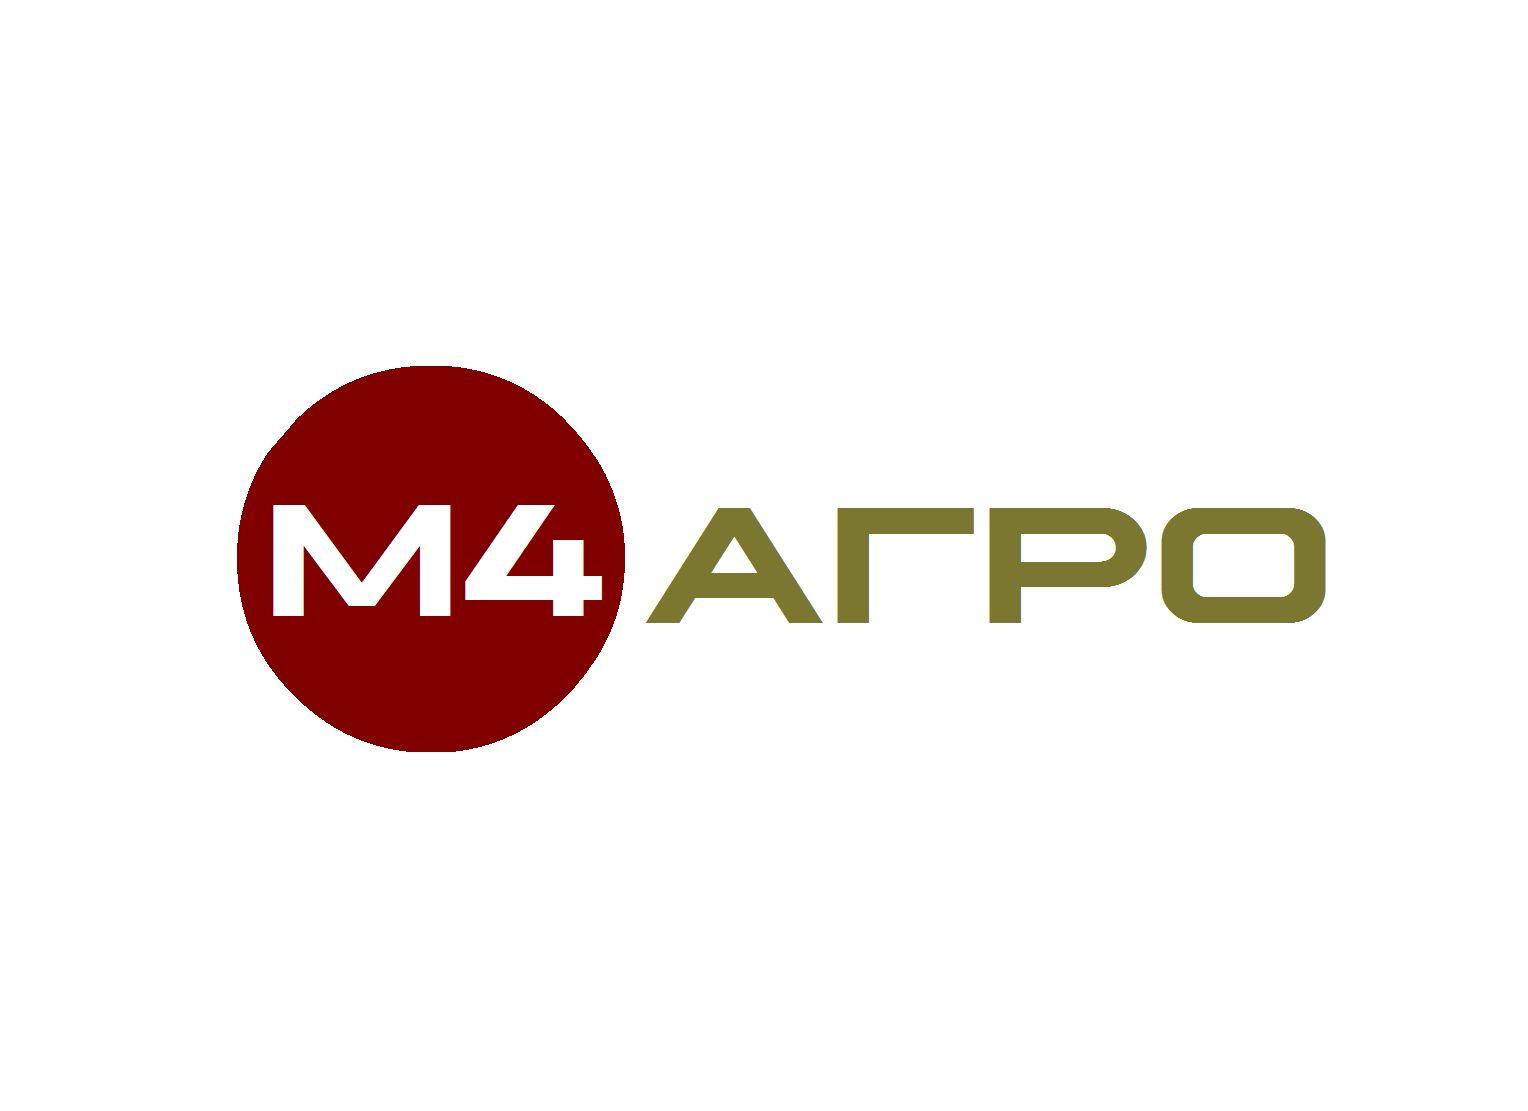 Логотип для M4 АГРО - Российские фрукты - дизайнер flashbrowser